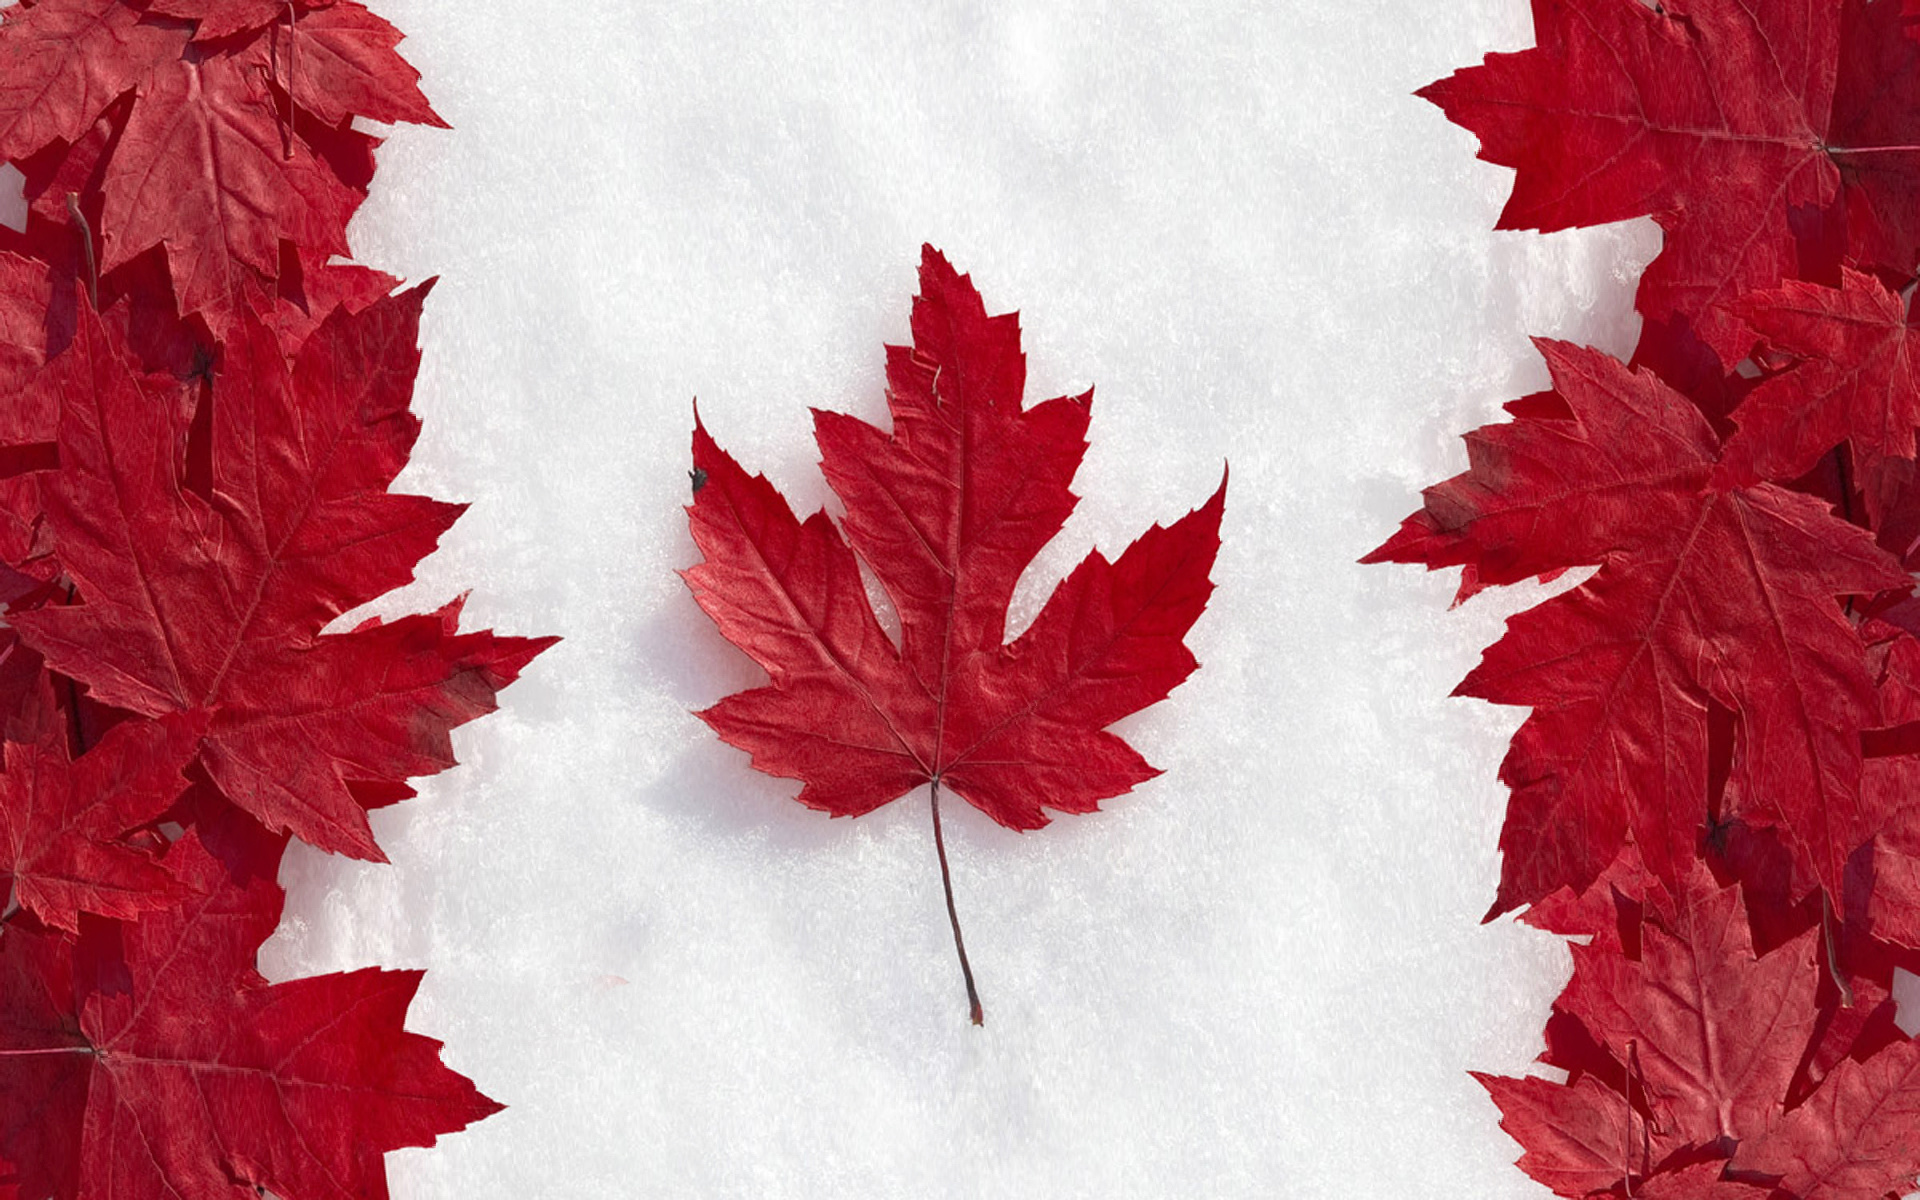 Канаду обвиняют в чрезмерном экспорте нефти